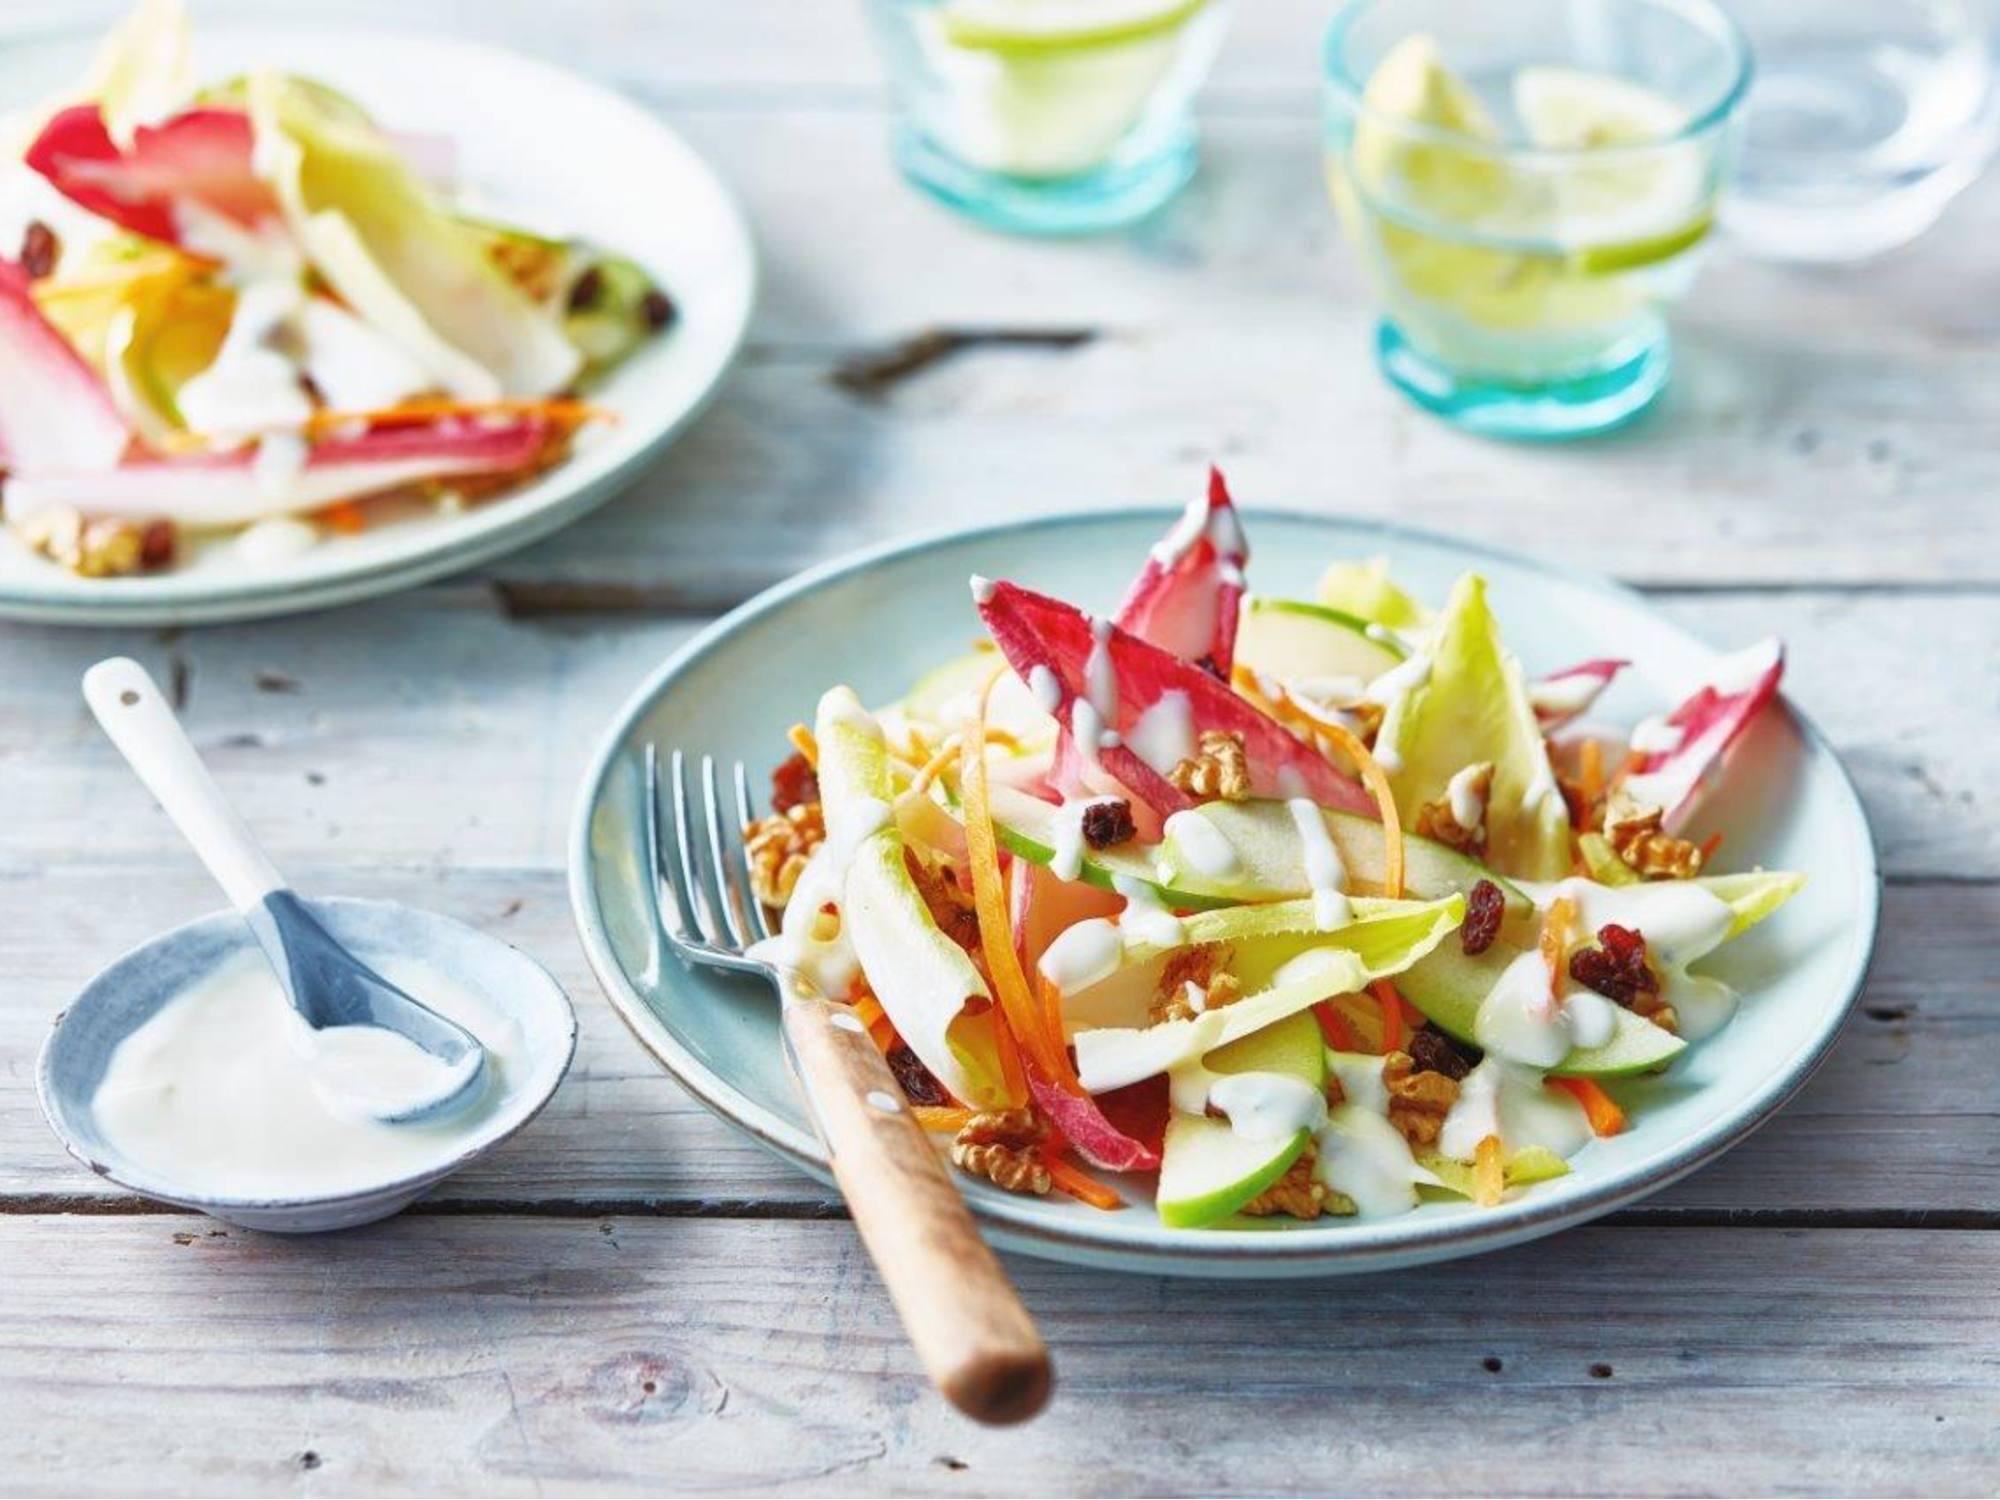 Witlofsalade met appel, wortel en rozijnen